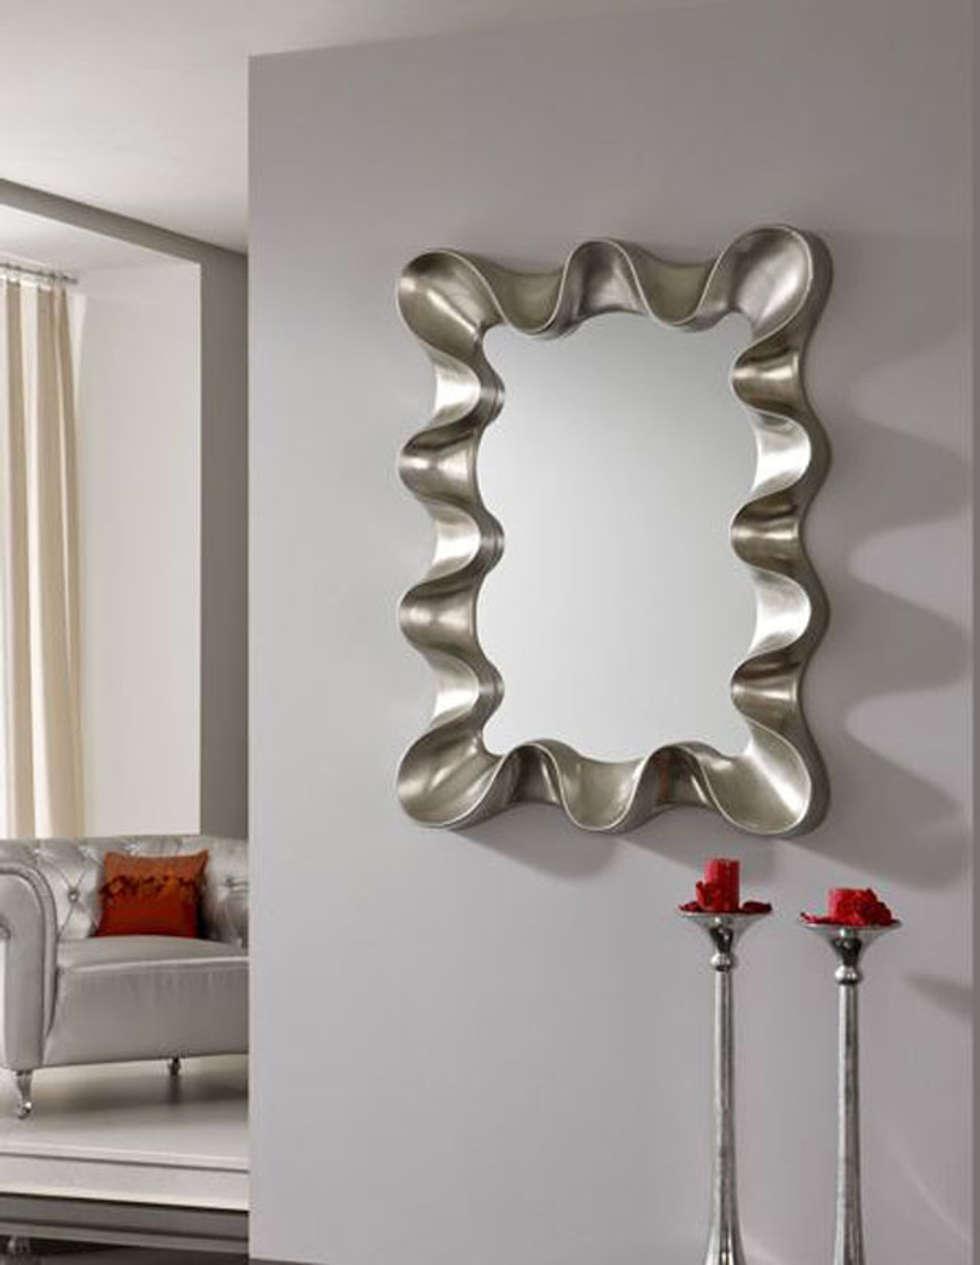 Design espejos decorativos modernos galer a de fotos for Espejos decorativos alargados